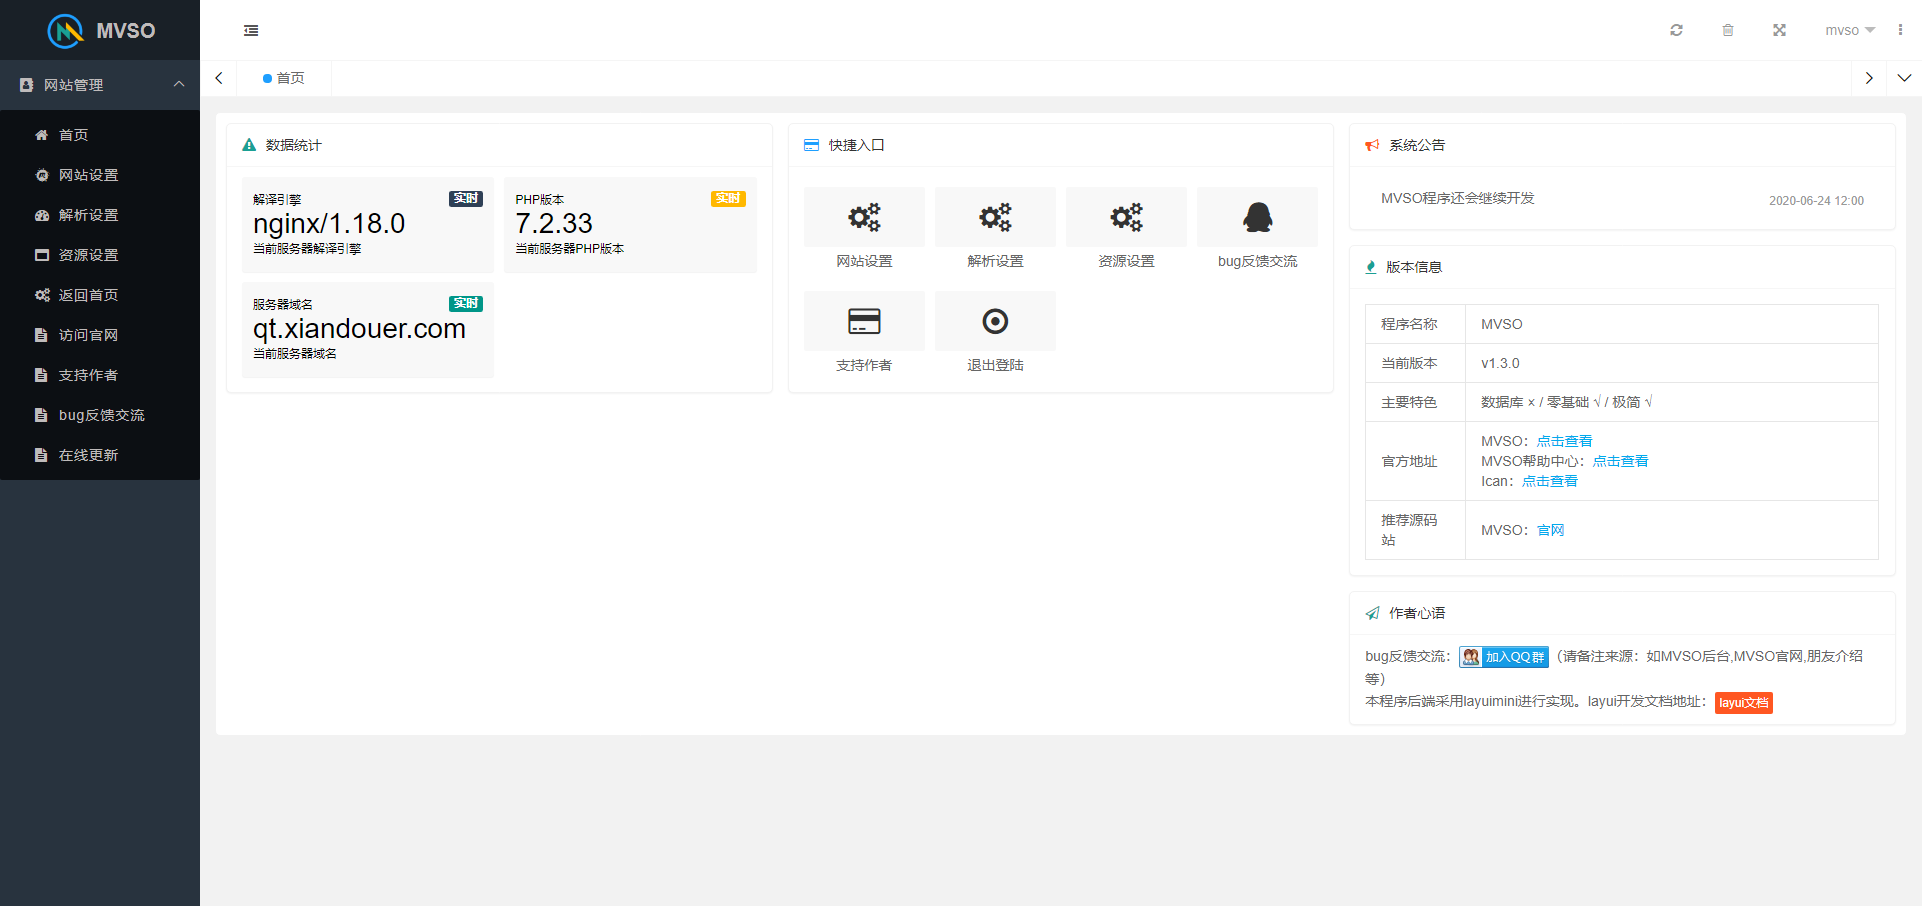 亲测丨MVSO影视程序源码模板下载影视自动采集+魔改超强SEO+自定义苹果cms资源站接口